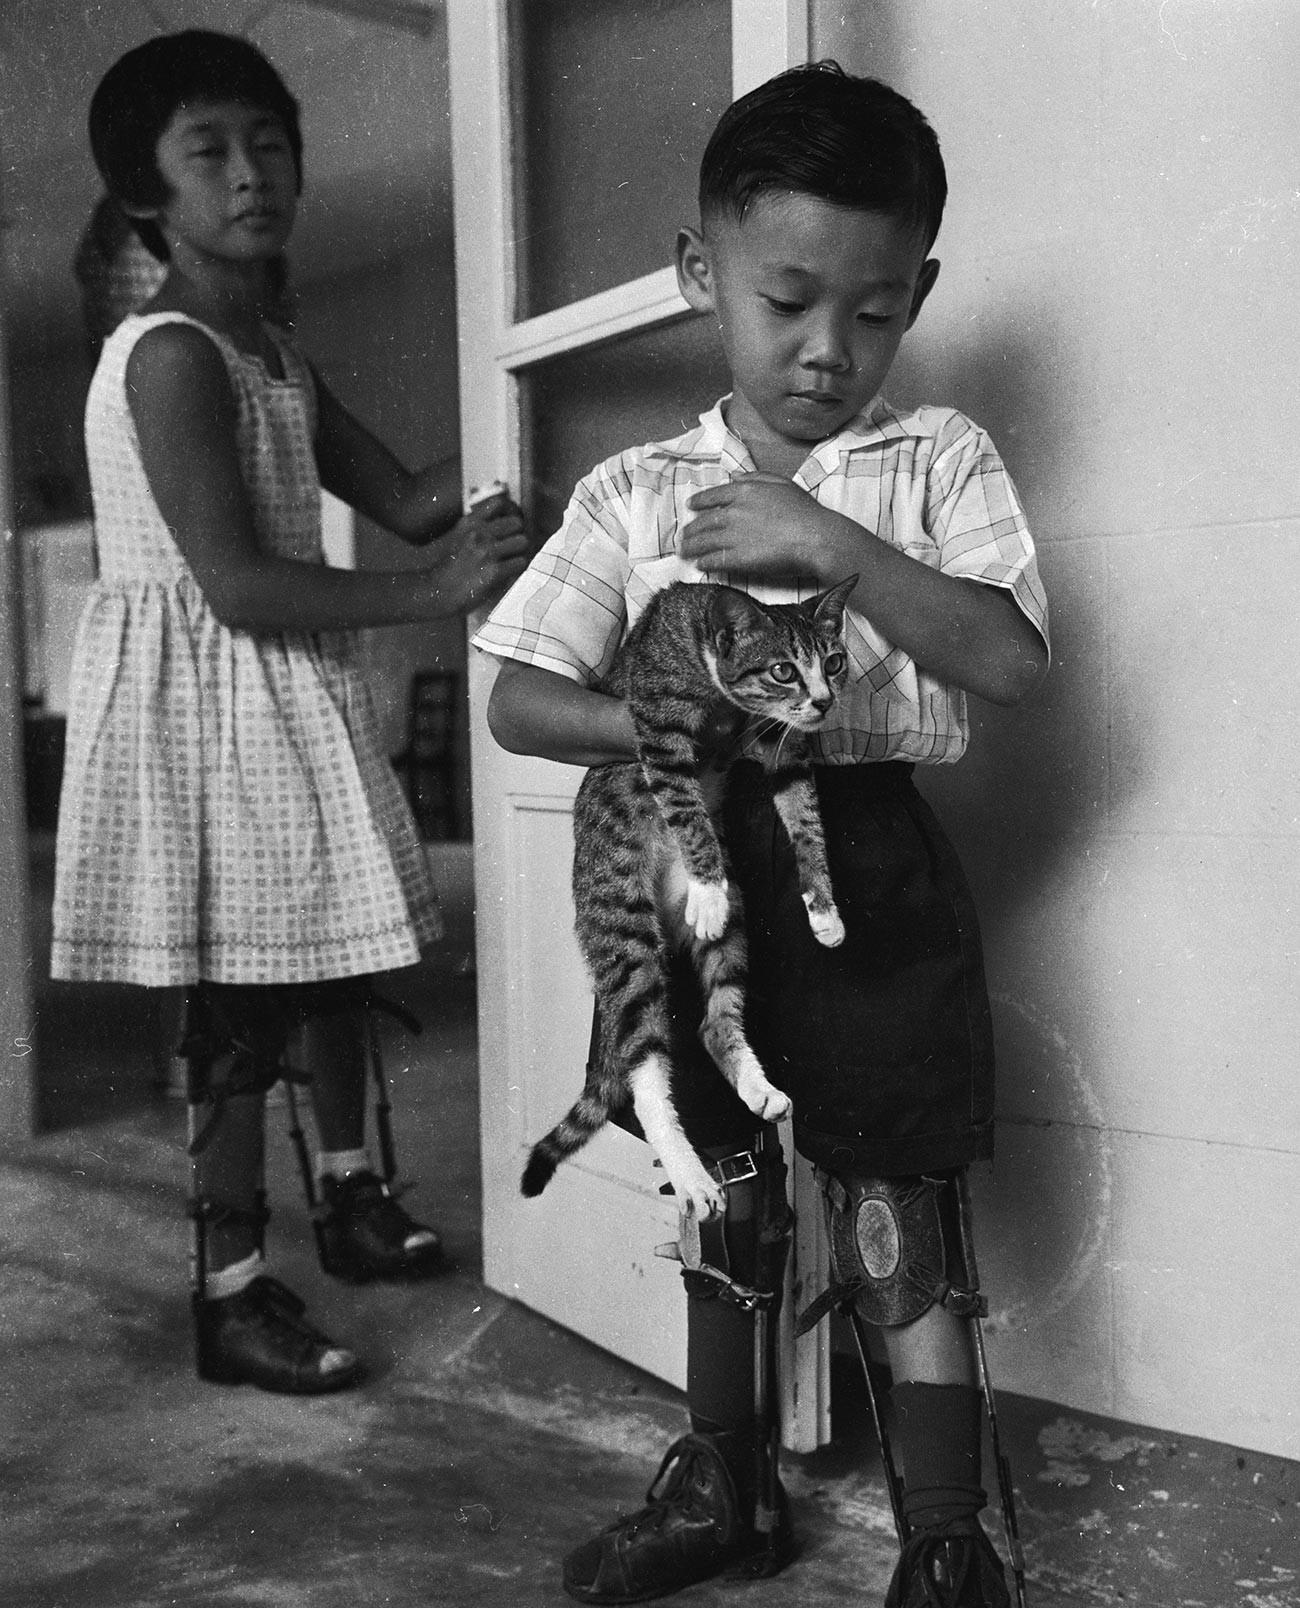 Un jeune garçon en attelle, victime de la poliomyélite